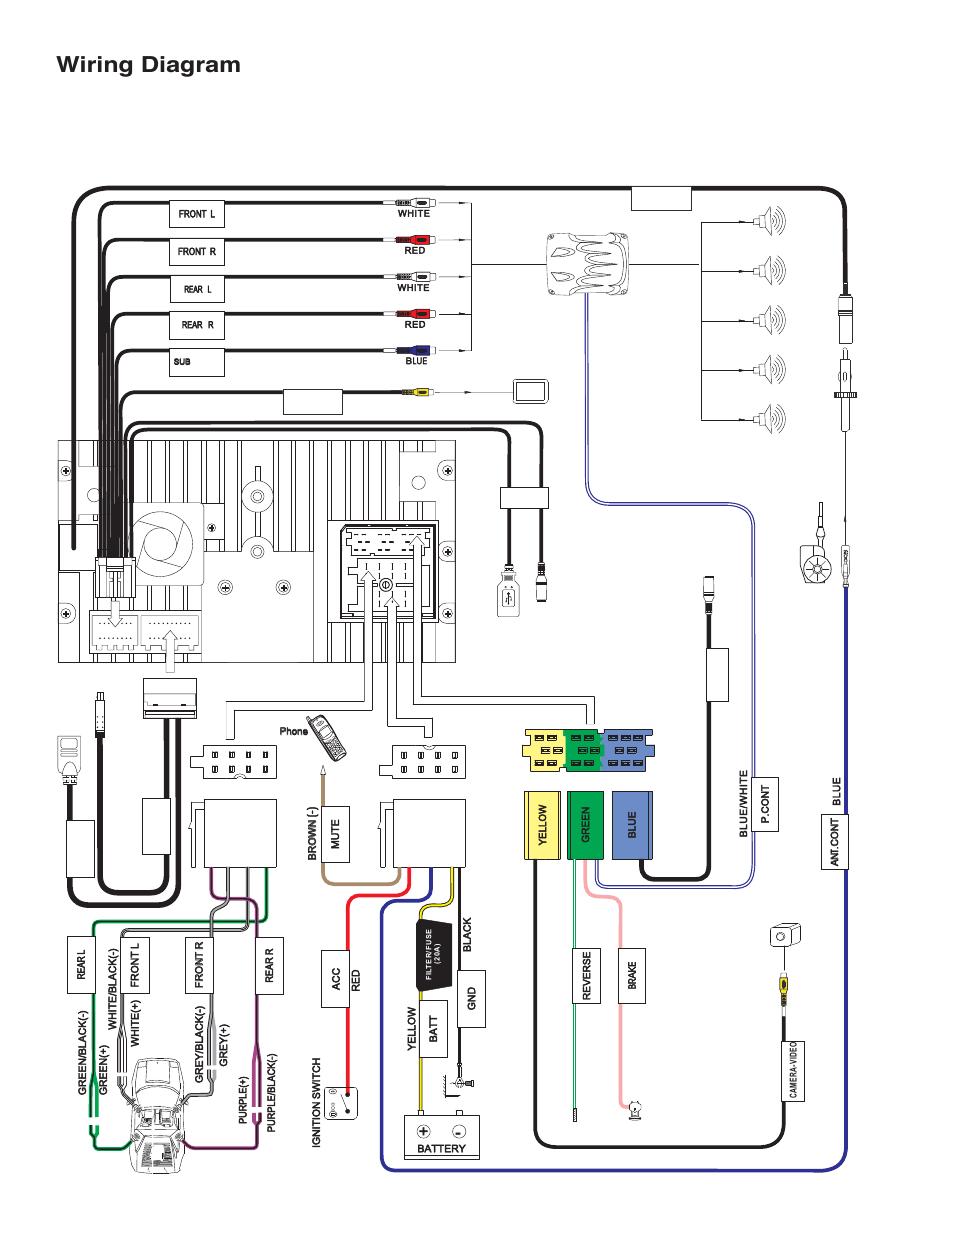 viper antenna wiring diagram online wiring diagram Viper 5701 Wiring-Diagram